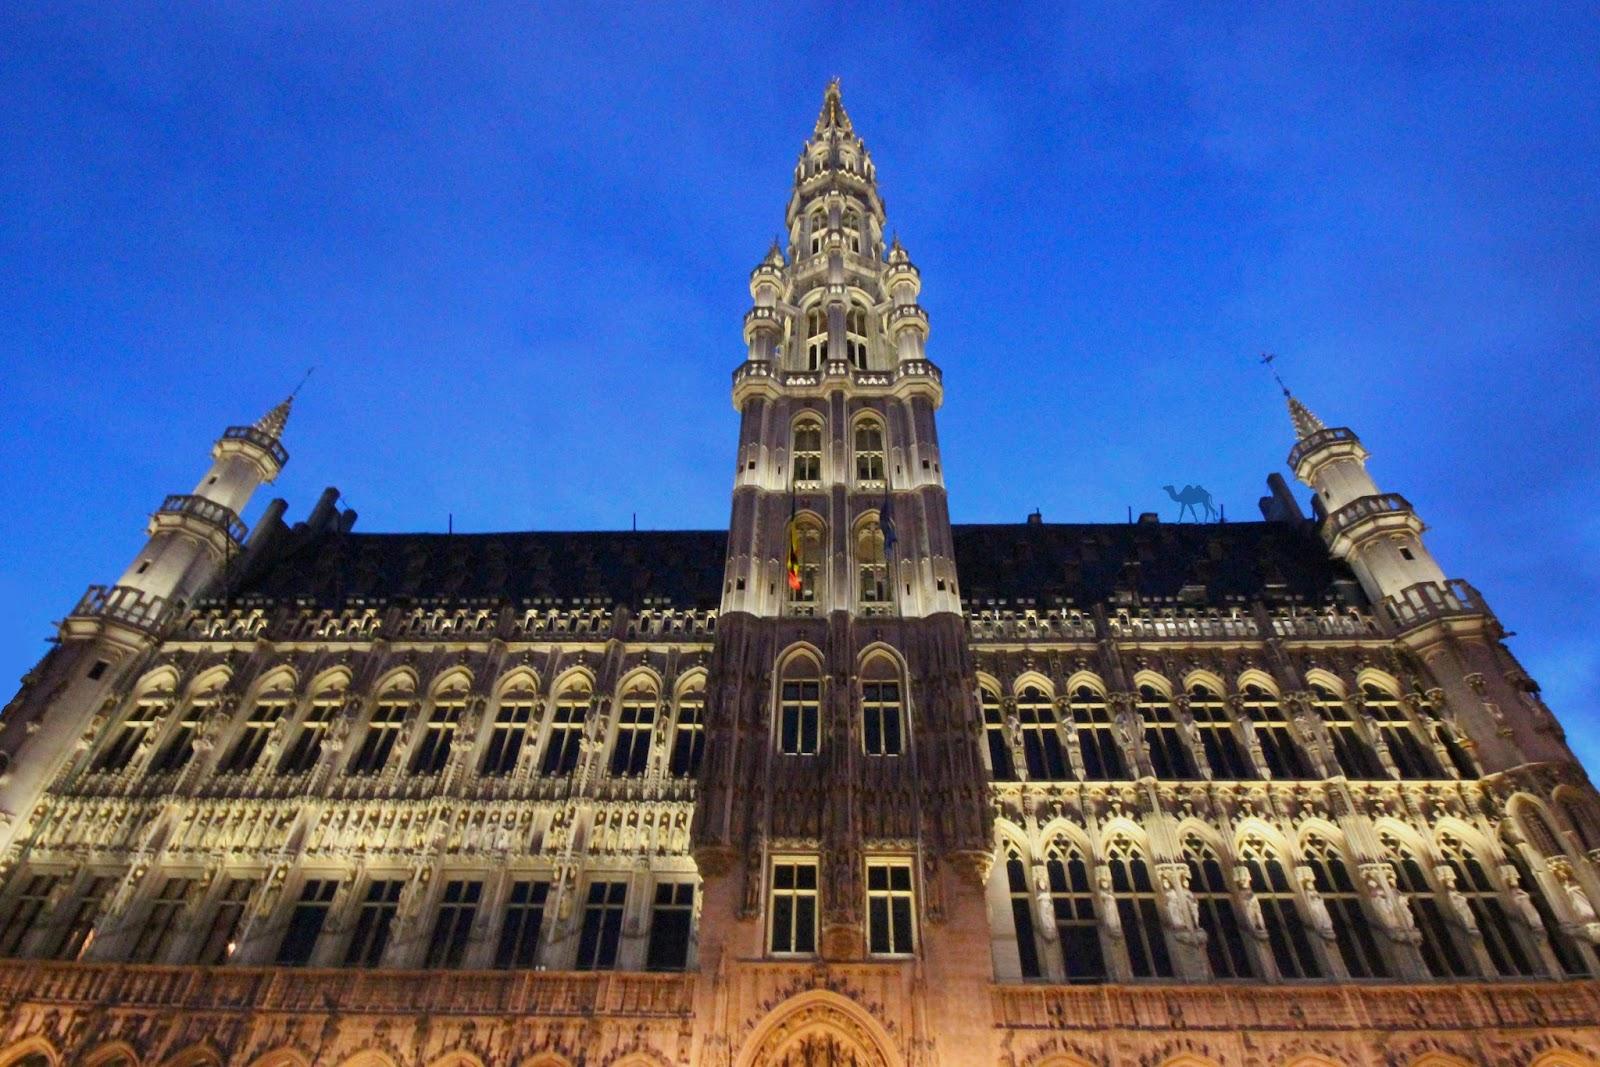 Le Chameau Bleu - Hotel de ville de Bruxelles Belgique - escapade en belgique